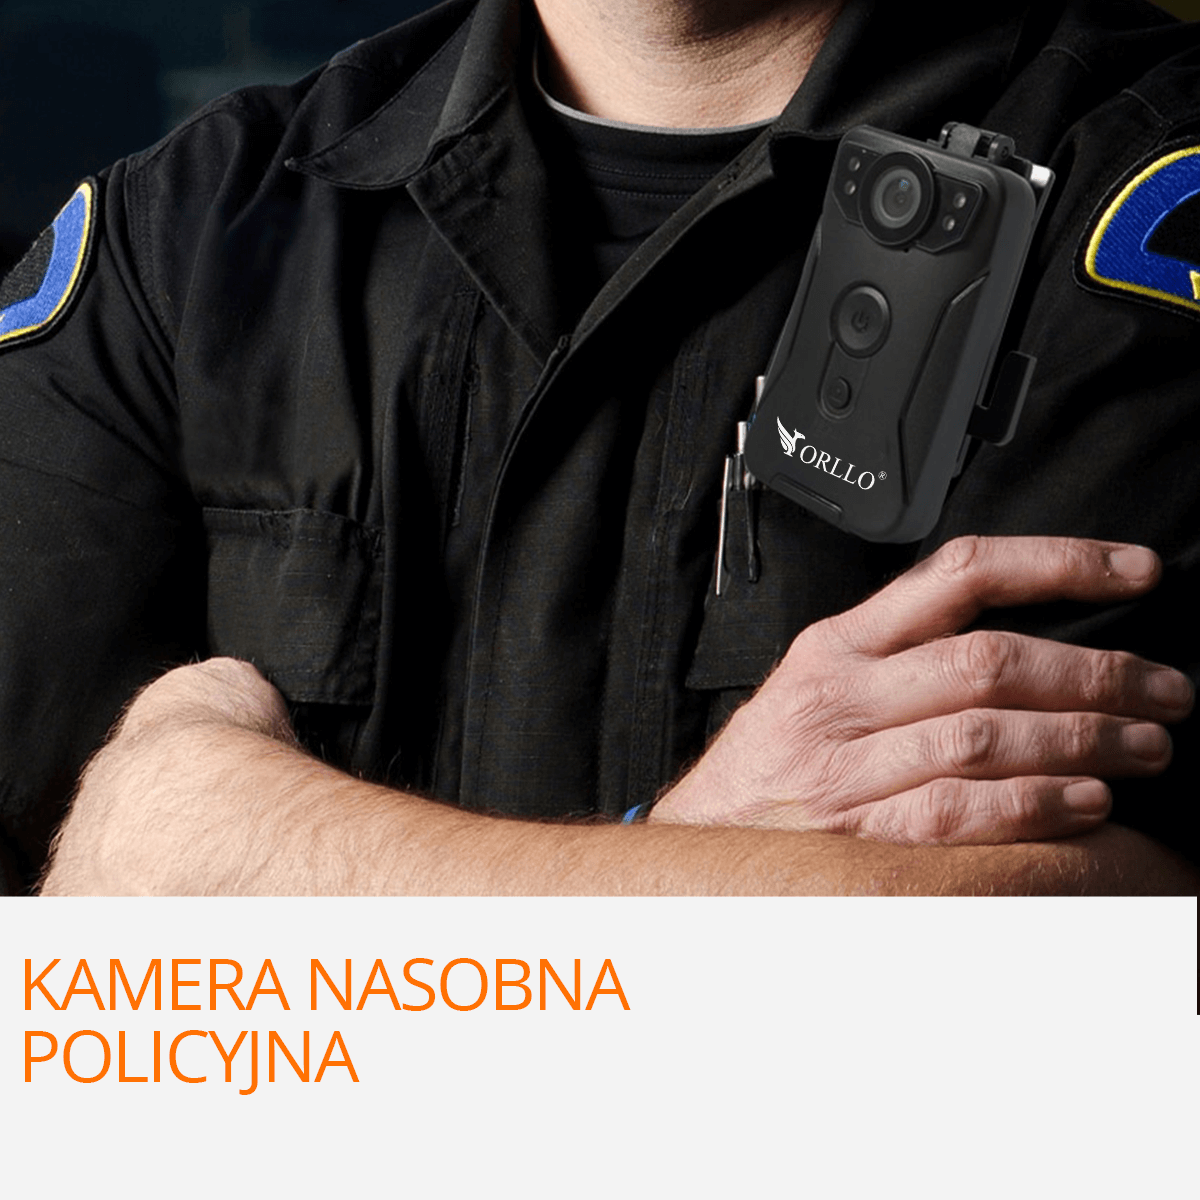 kamera bezprzewodowa obrotowa orllo.pl